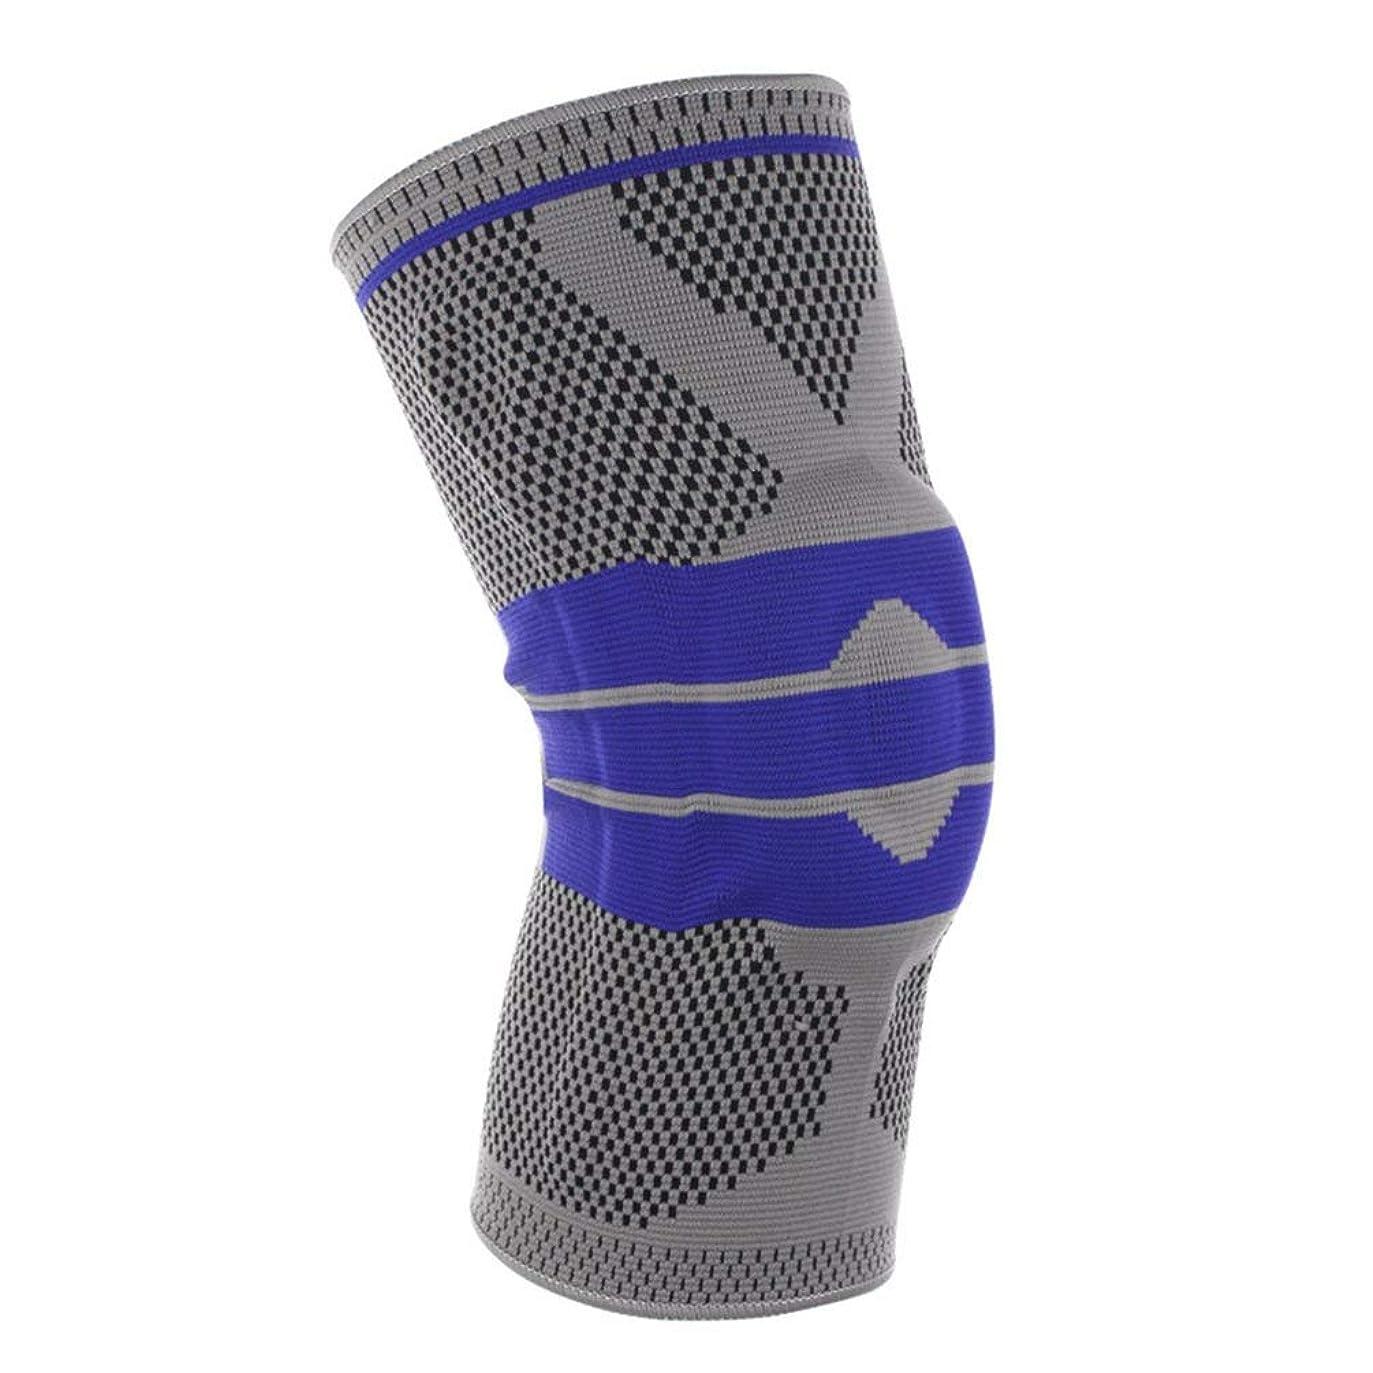 調和加入アフリカ人フル膝プロテクター秋冬フルシーズン弾性通気性膝パッドレリーフ防止スポーツ膝サポートブレース - グレーM